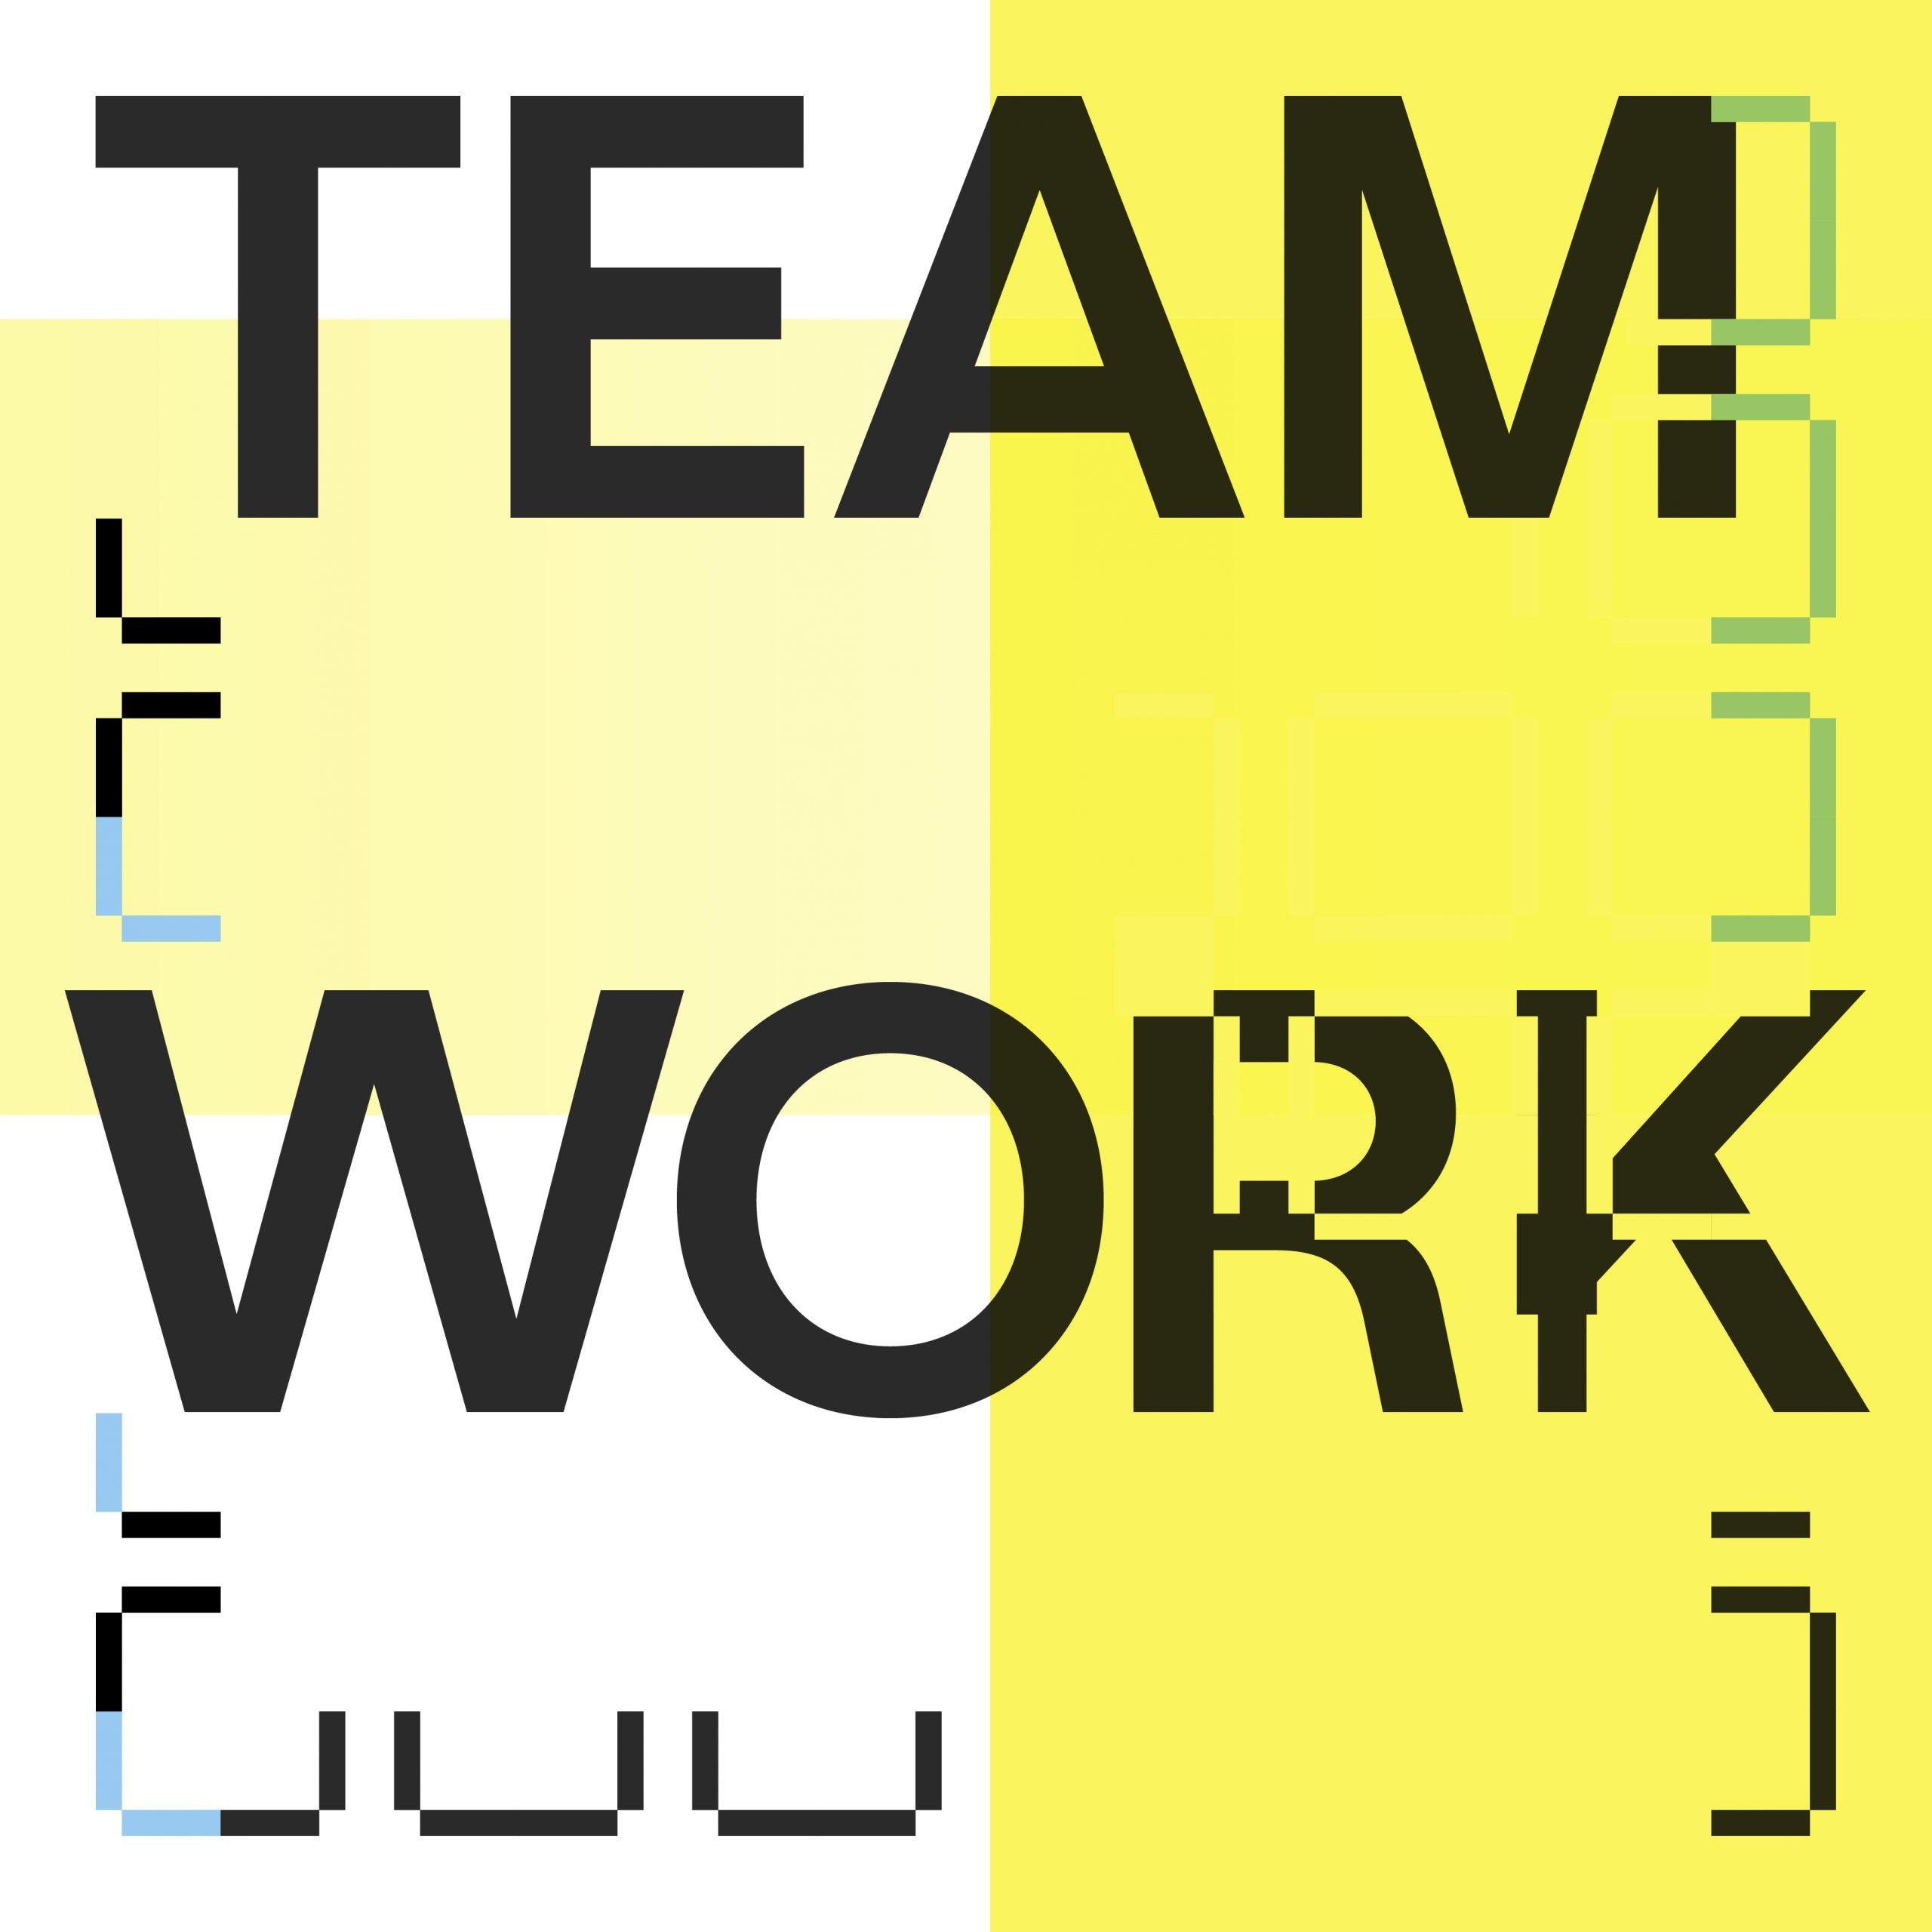 teamwork_visuals10